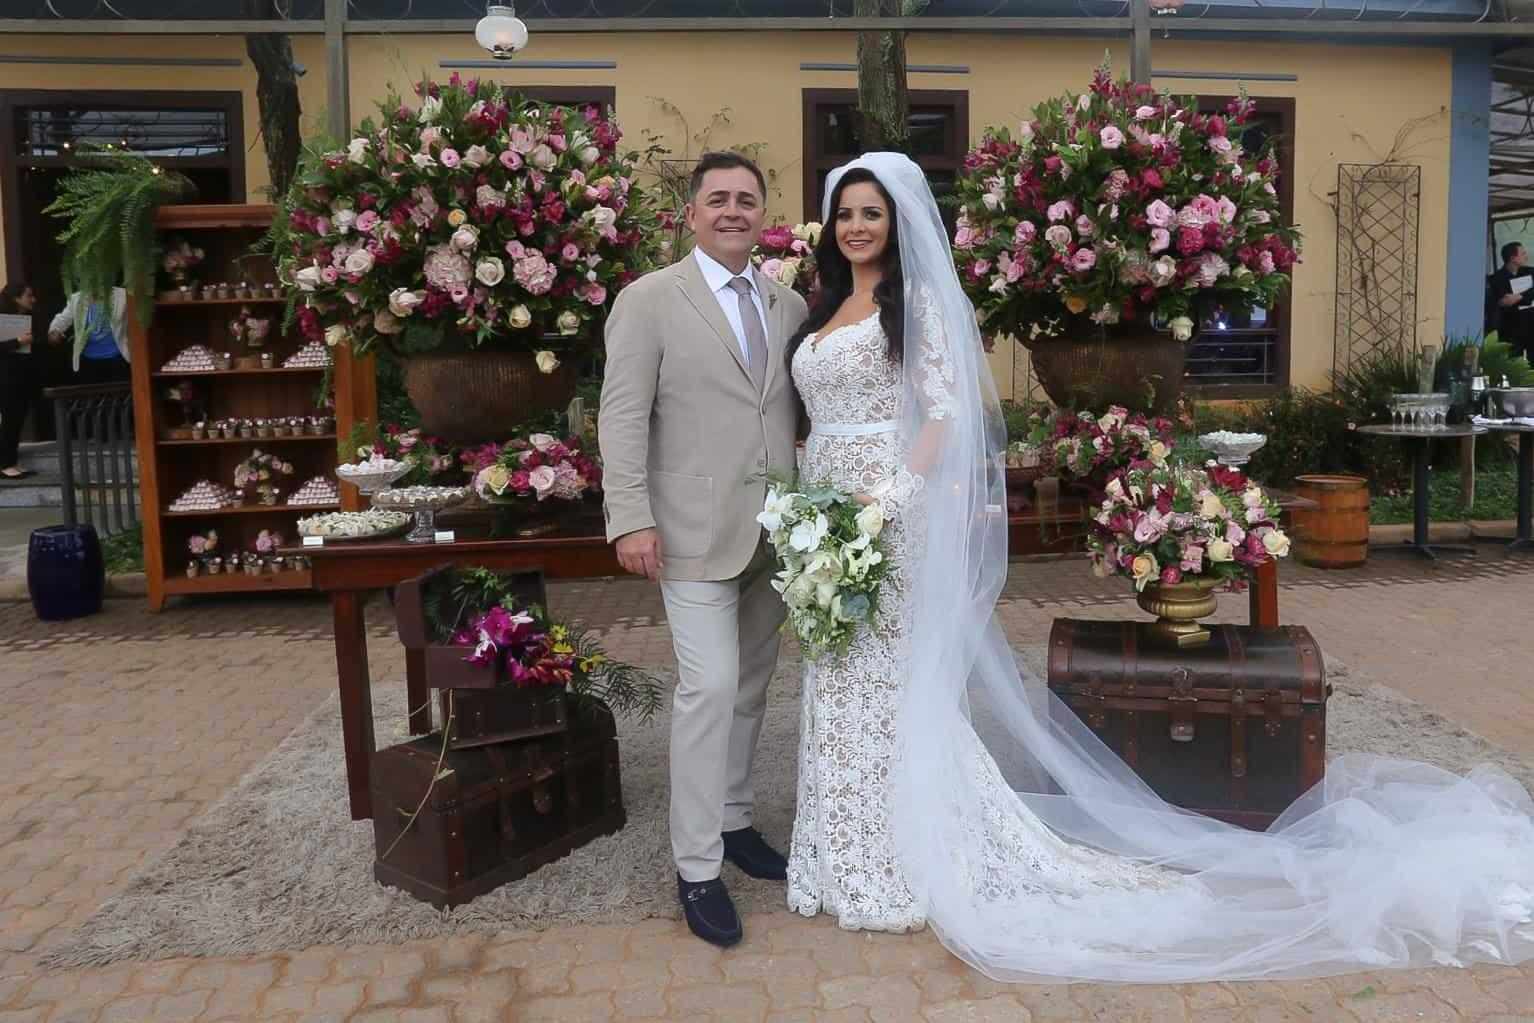 casamento-ariane-e-antonio-carlos-caseme-foto-silvia-penati-14